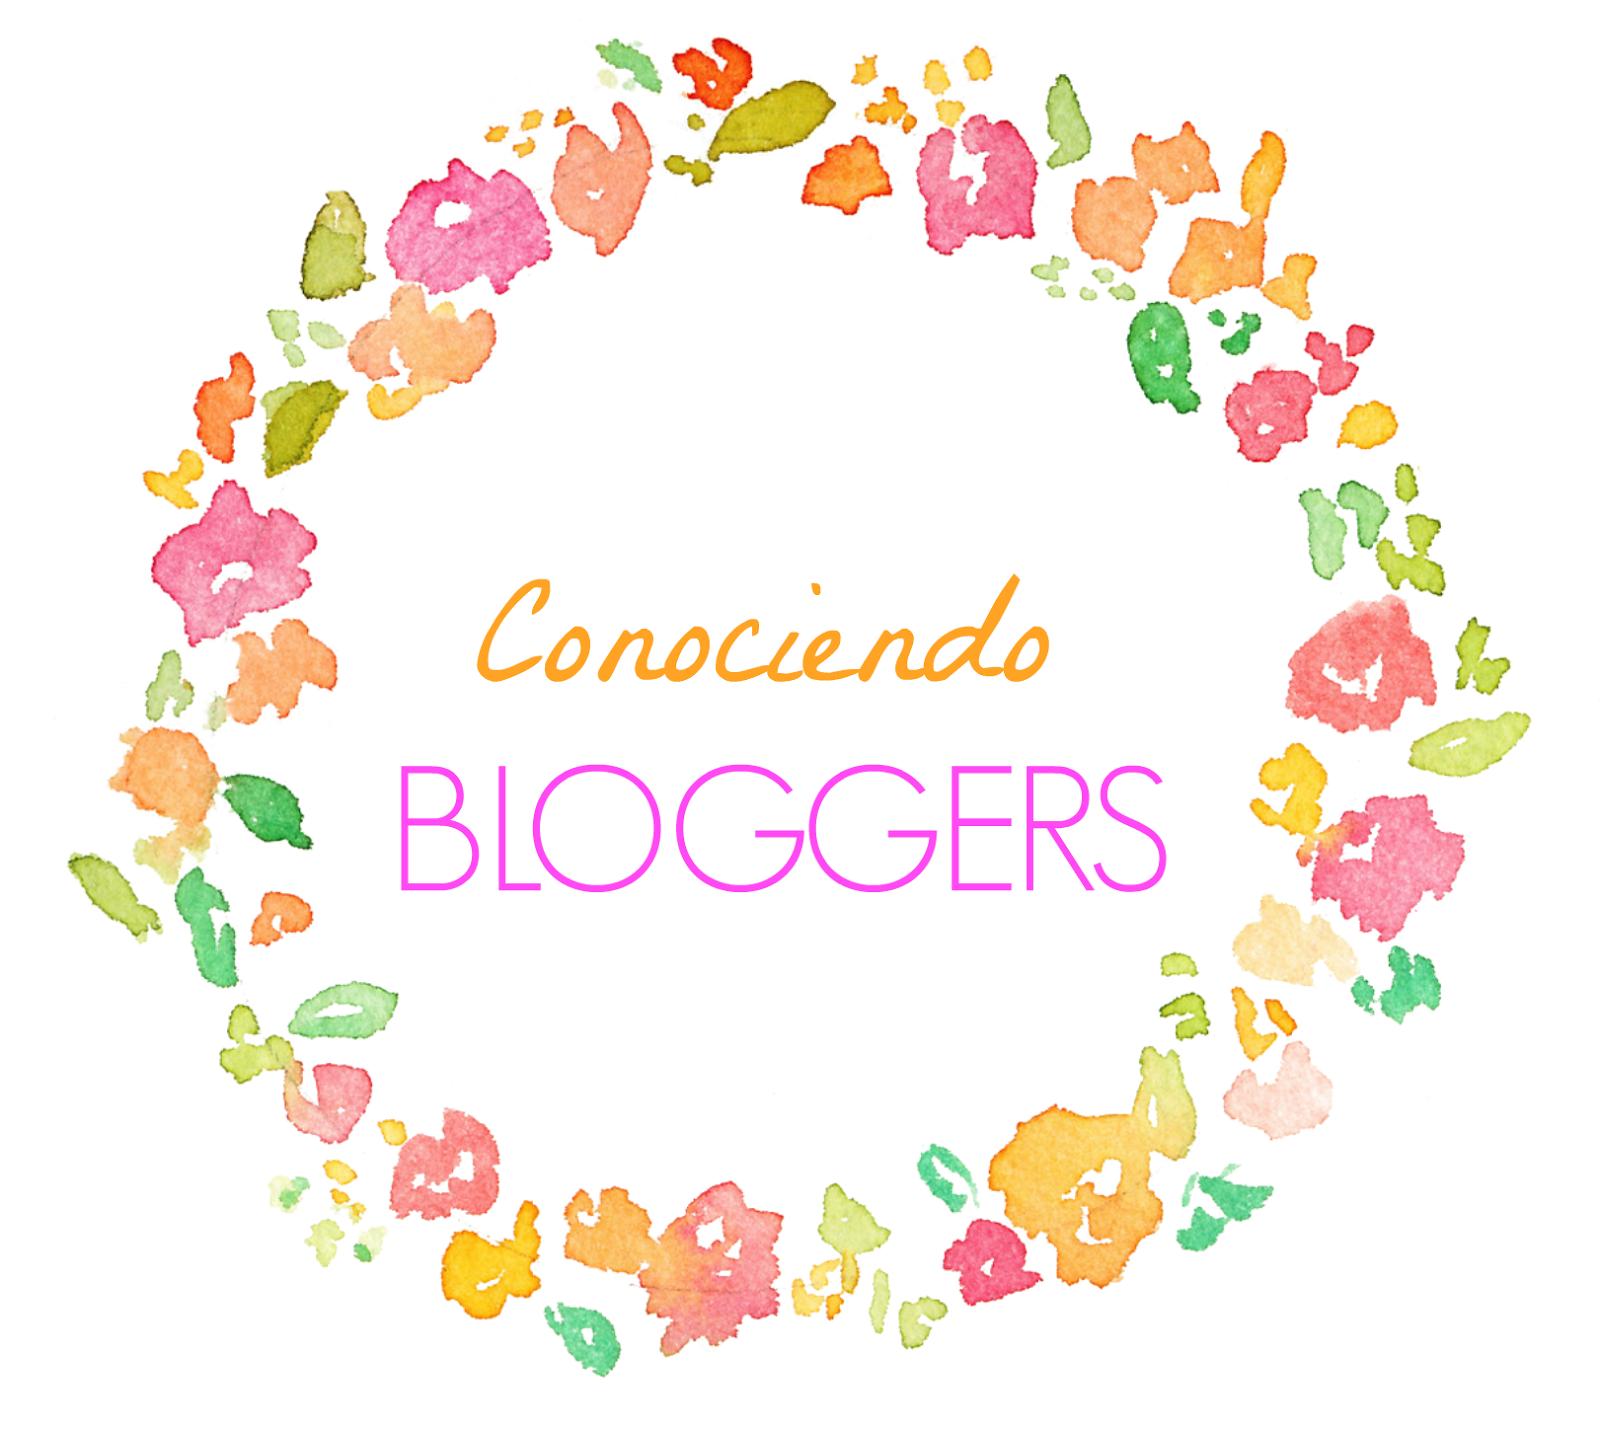 Conociendo Bloggers